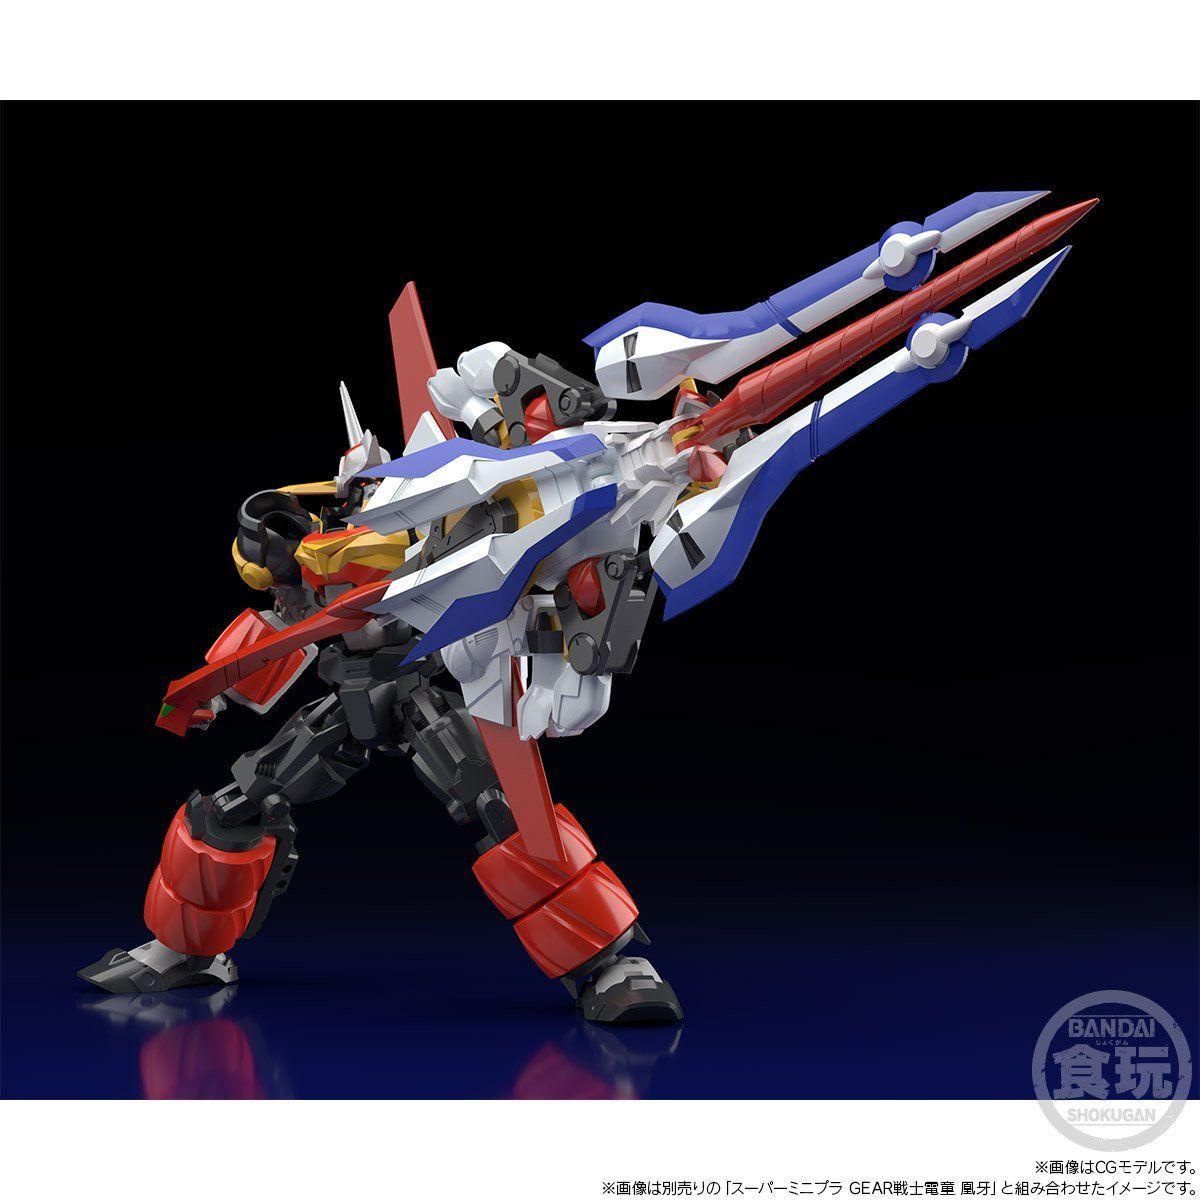 【限定販売】【食玩】スーパーミニプラ『超獣王 輝刃』GEAR戦士電童 プラモデル-006